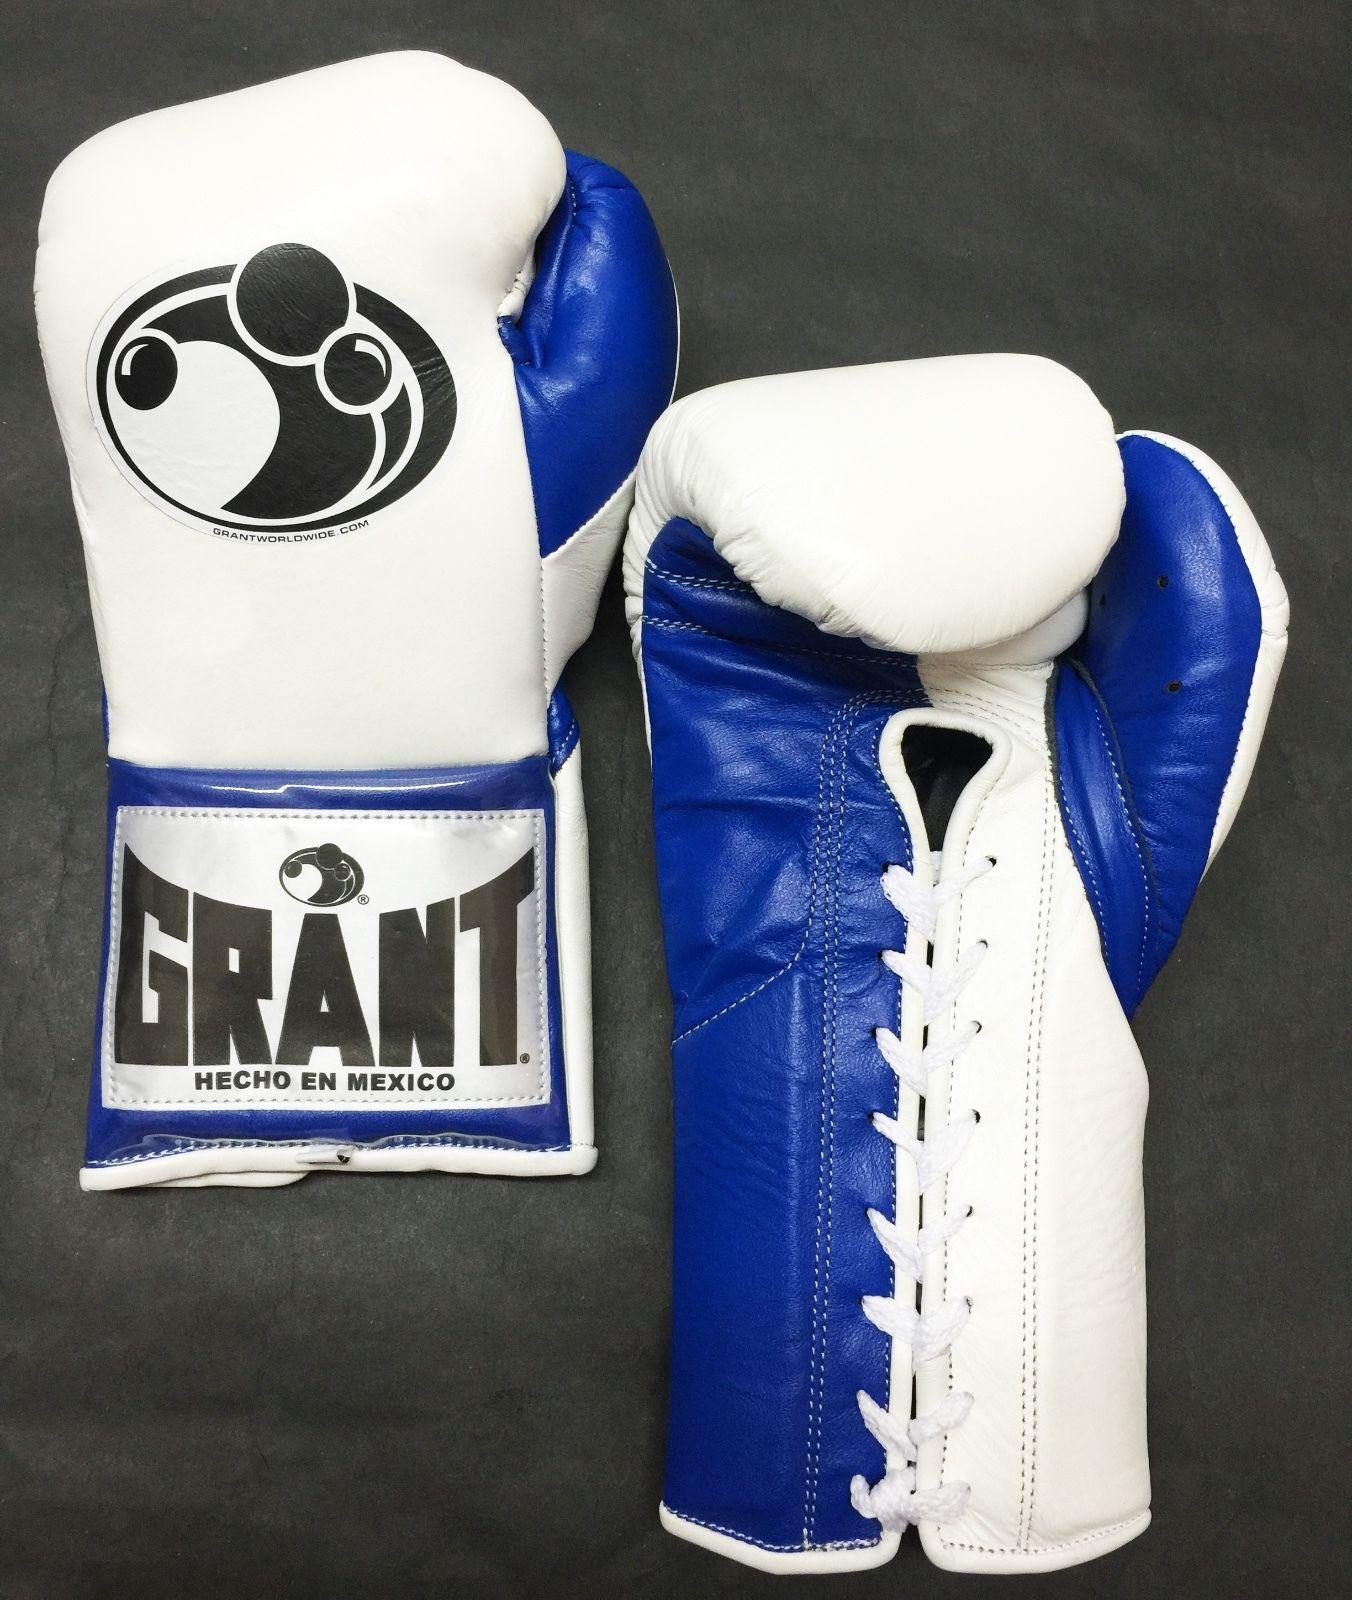 0fdc86cdf8e Grant Boxing Custom 10 oz Pro Fight Gloves White Blue Authentic ...